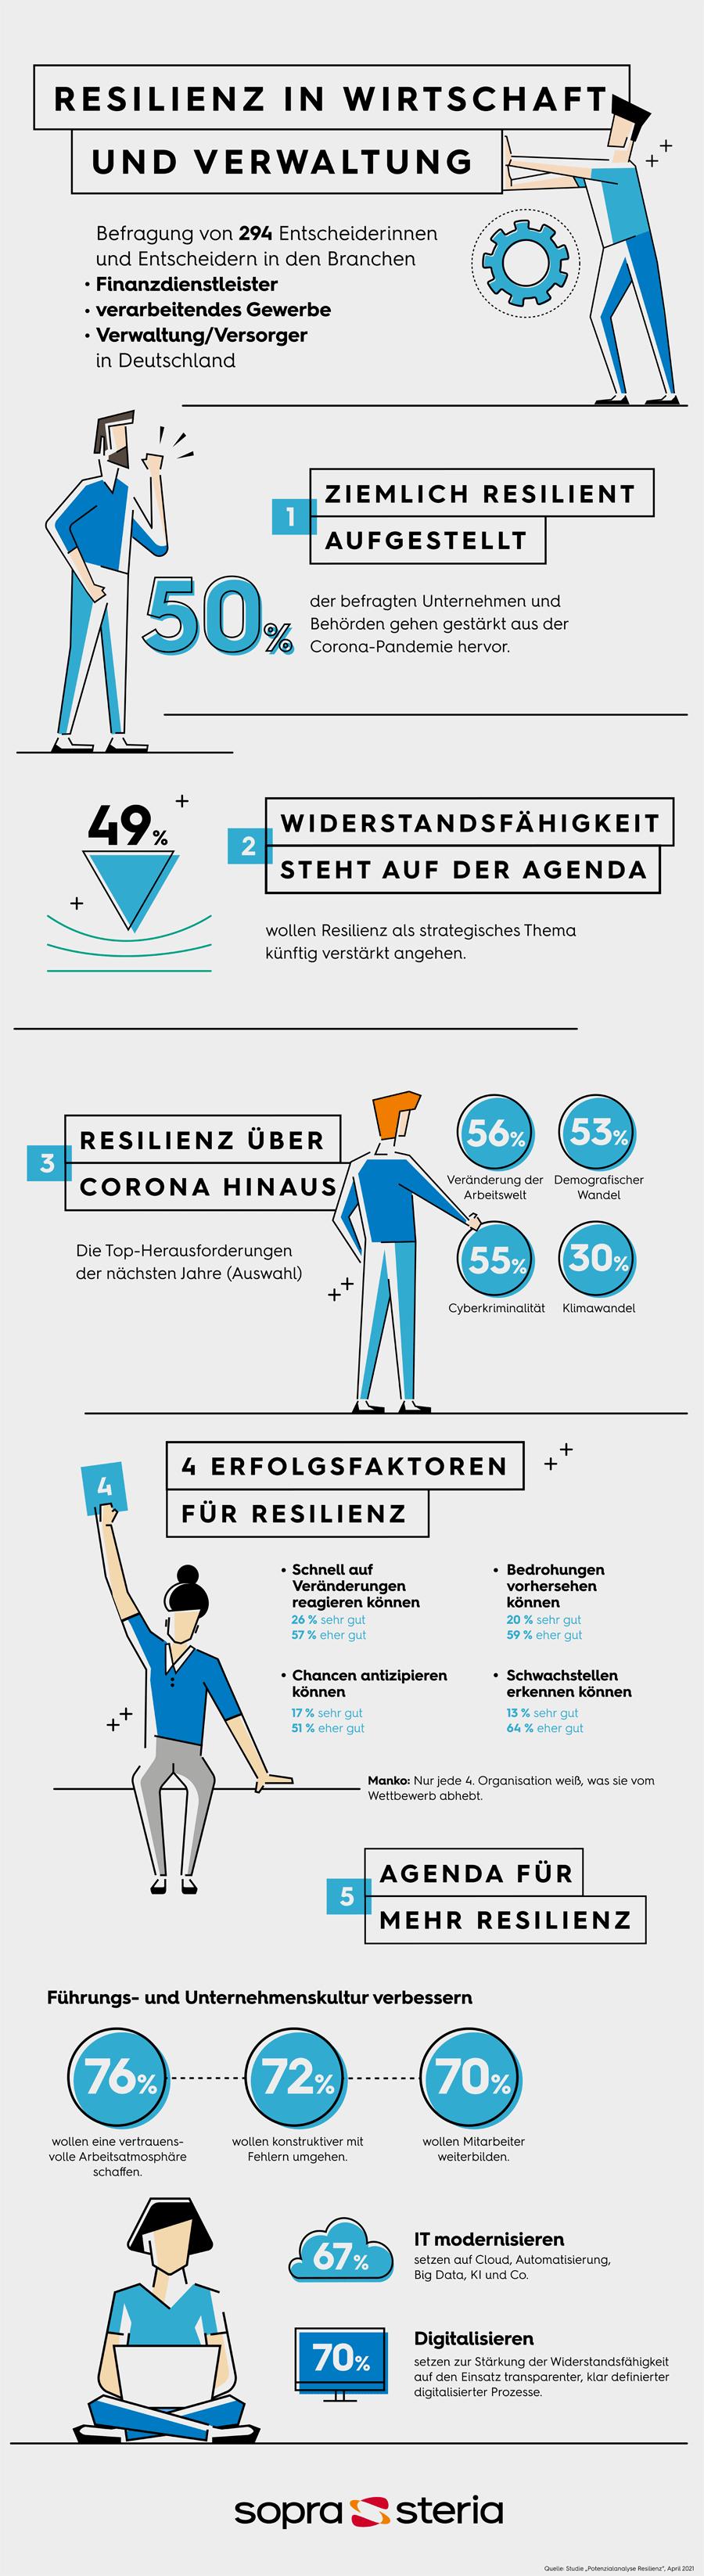 Infografik: Resilienz in Wirtschaft und Verwaltung